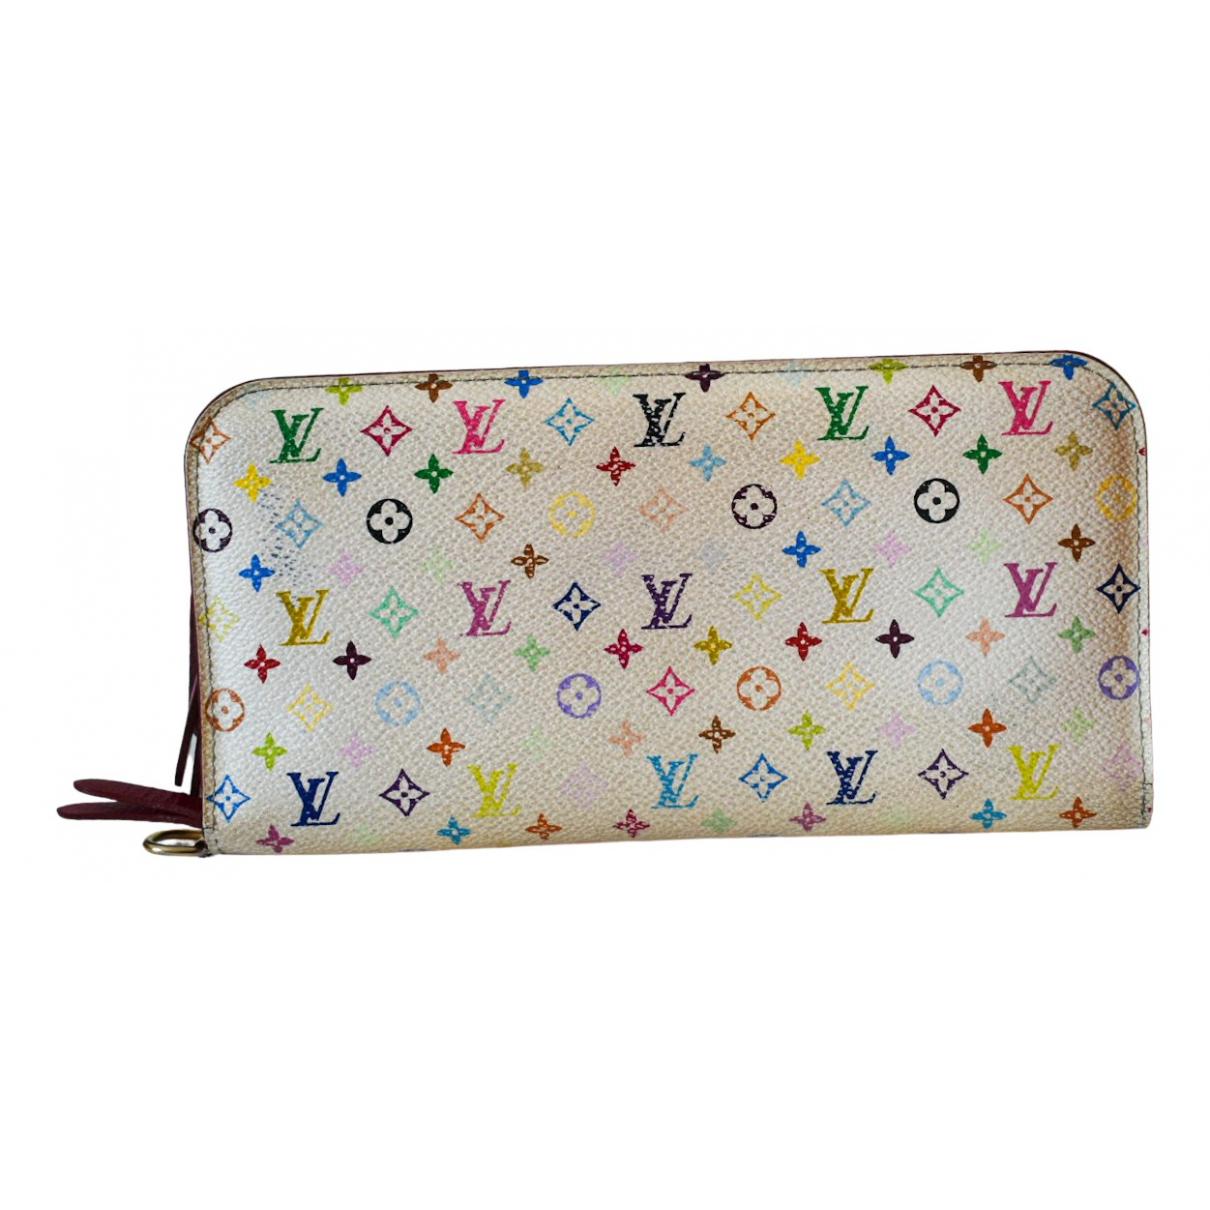 Louis Vuitton - Portefeuille Insolite pour femme en toile - blanc